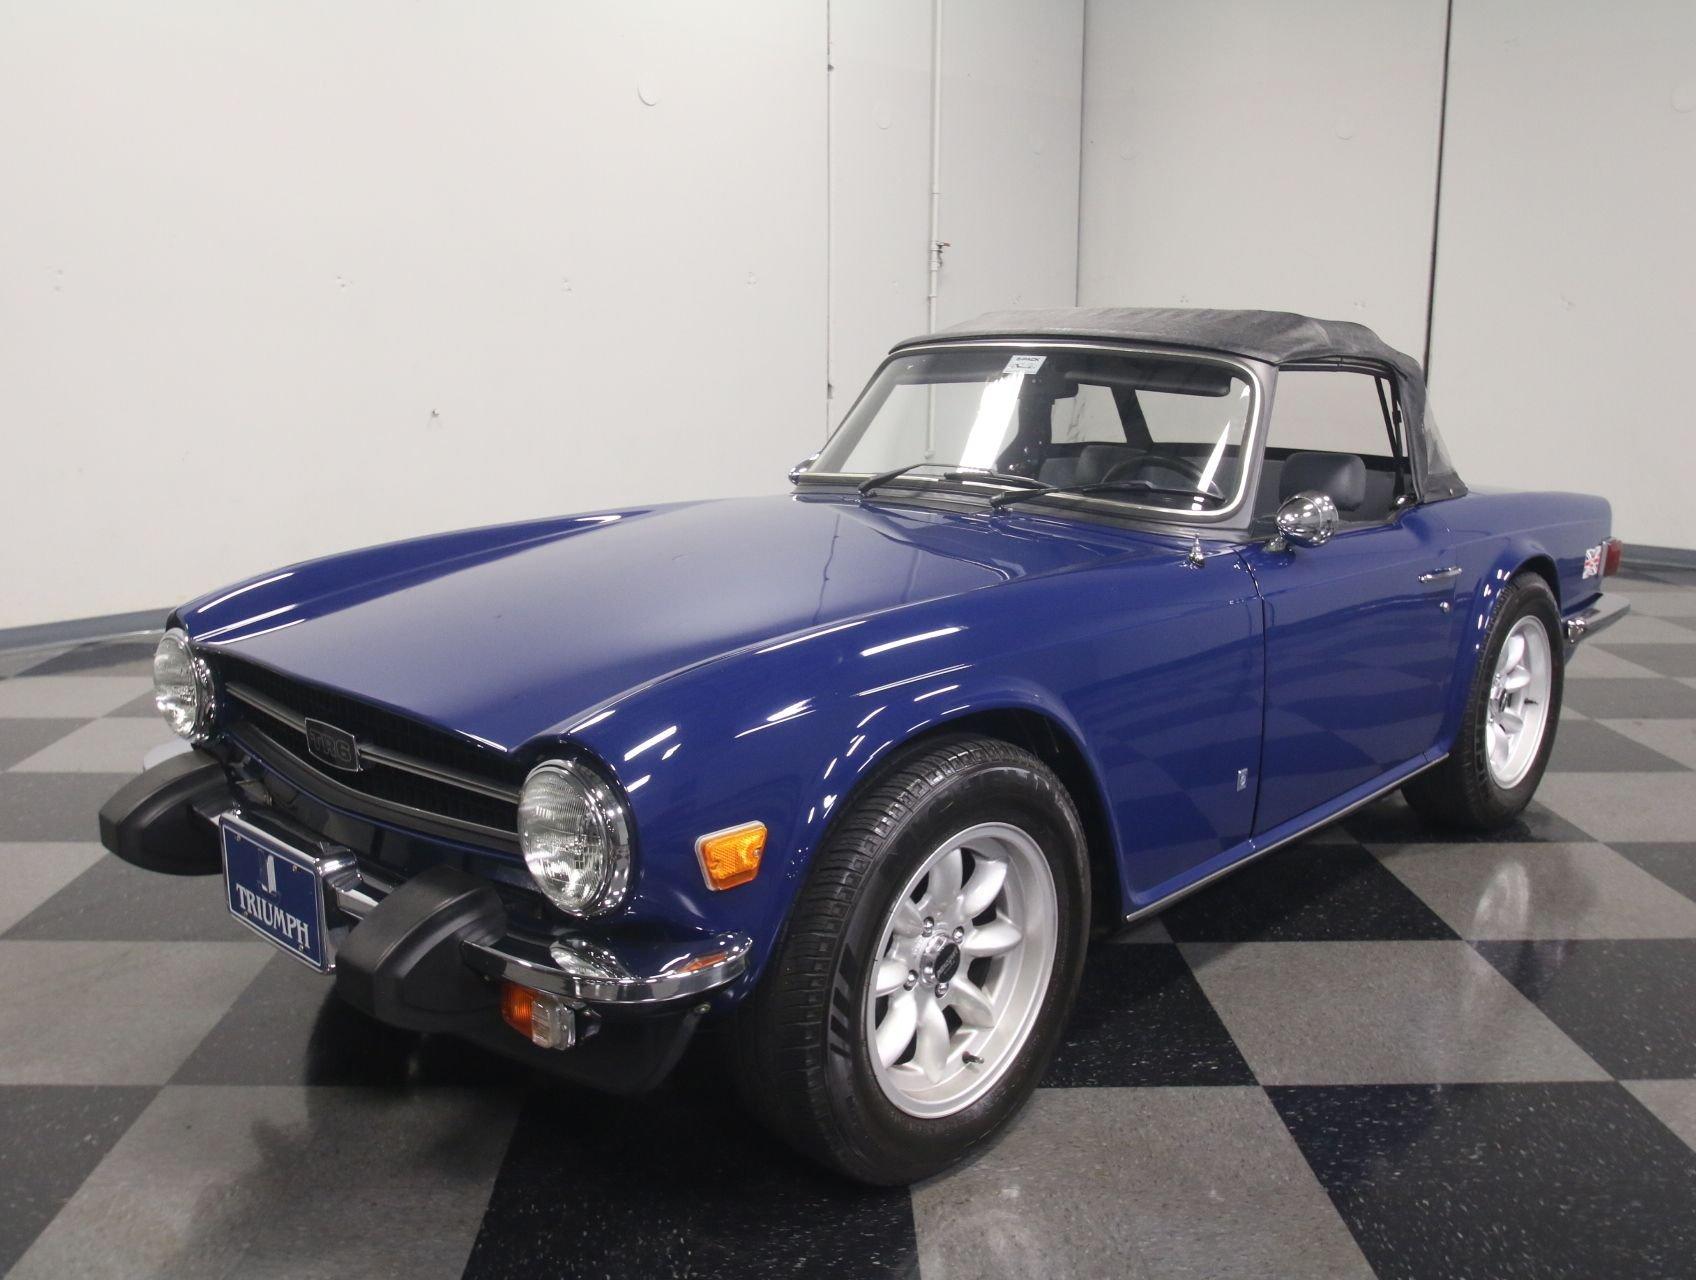 1976 Triumph TR6 for sale #75332 | MCG